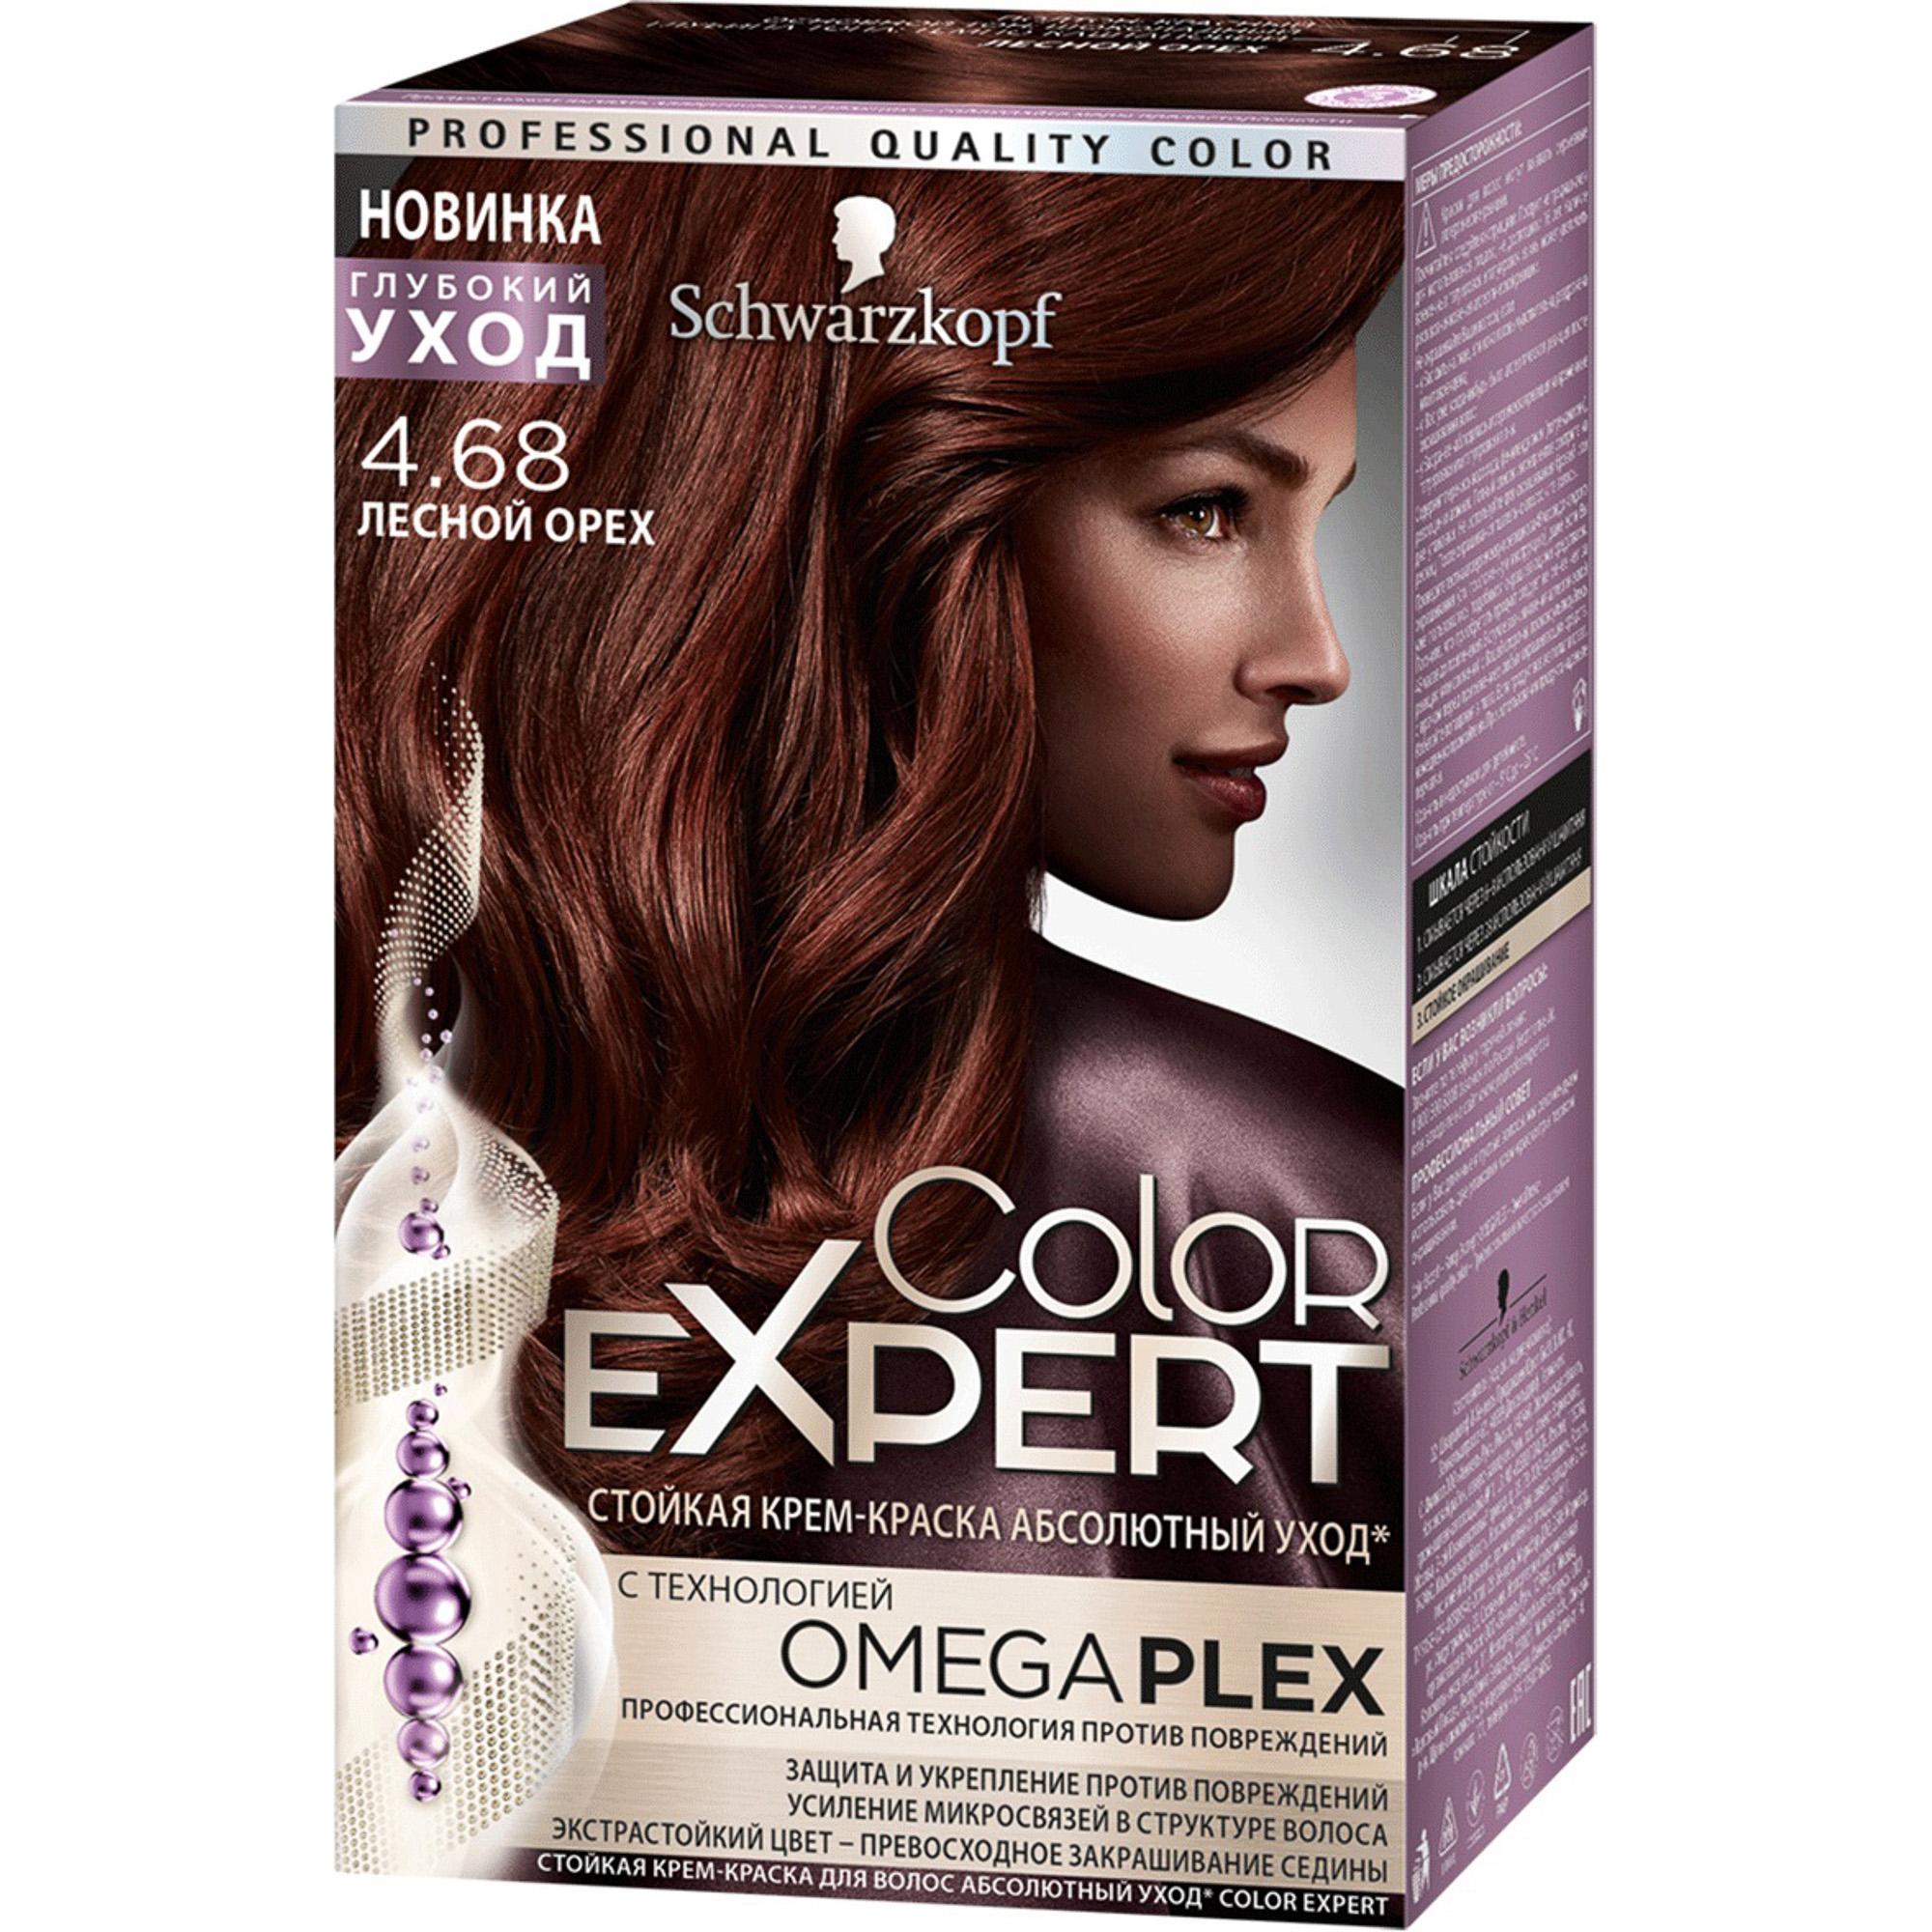 Купить Краска для волос Schwarzkopf Color Expert 4.68 Лесной орех, краска стойкая, Германия